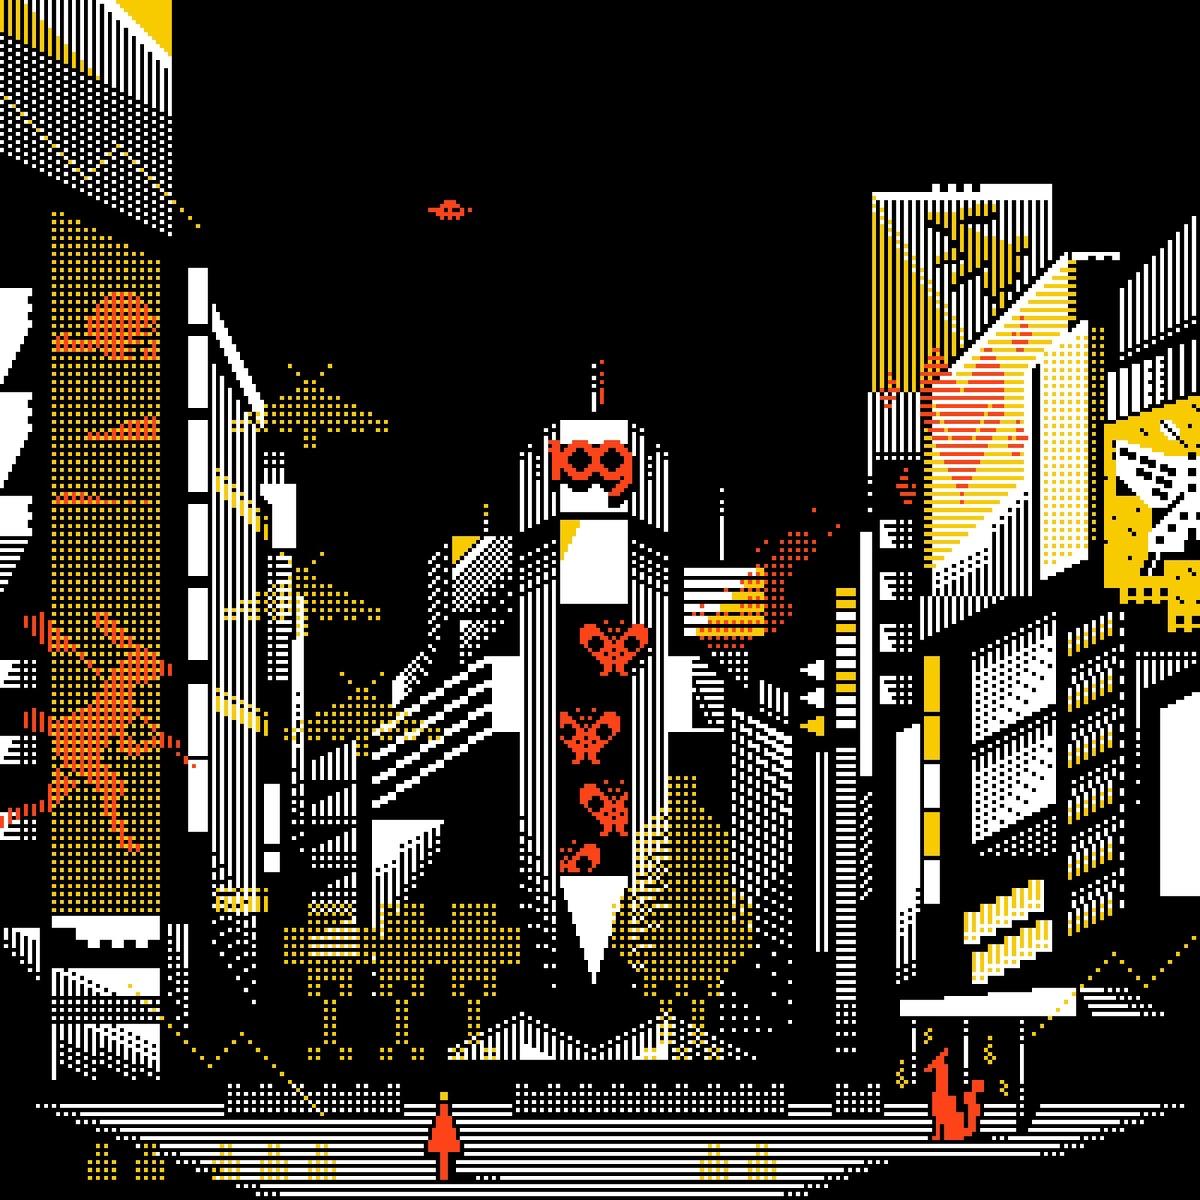 『DAOKO - 御伽の街』収録の『御伽の街』ジャケット